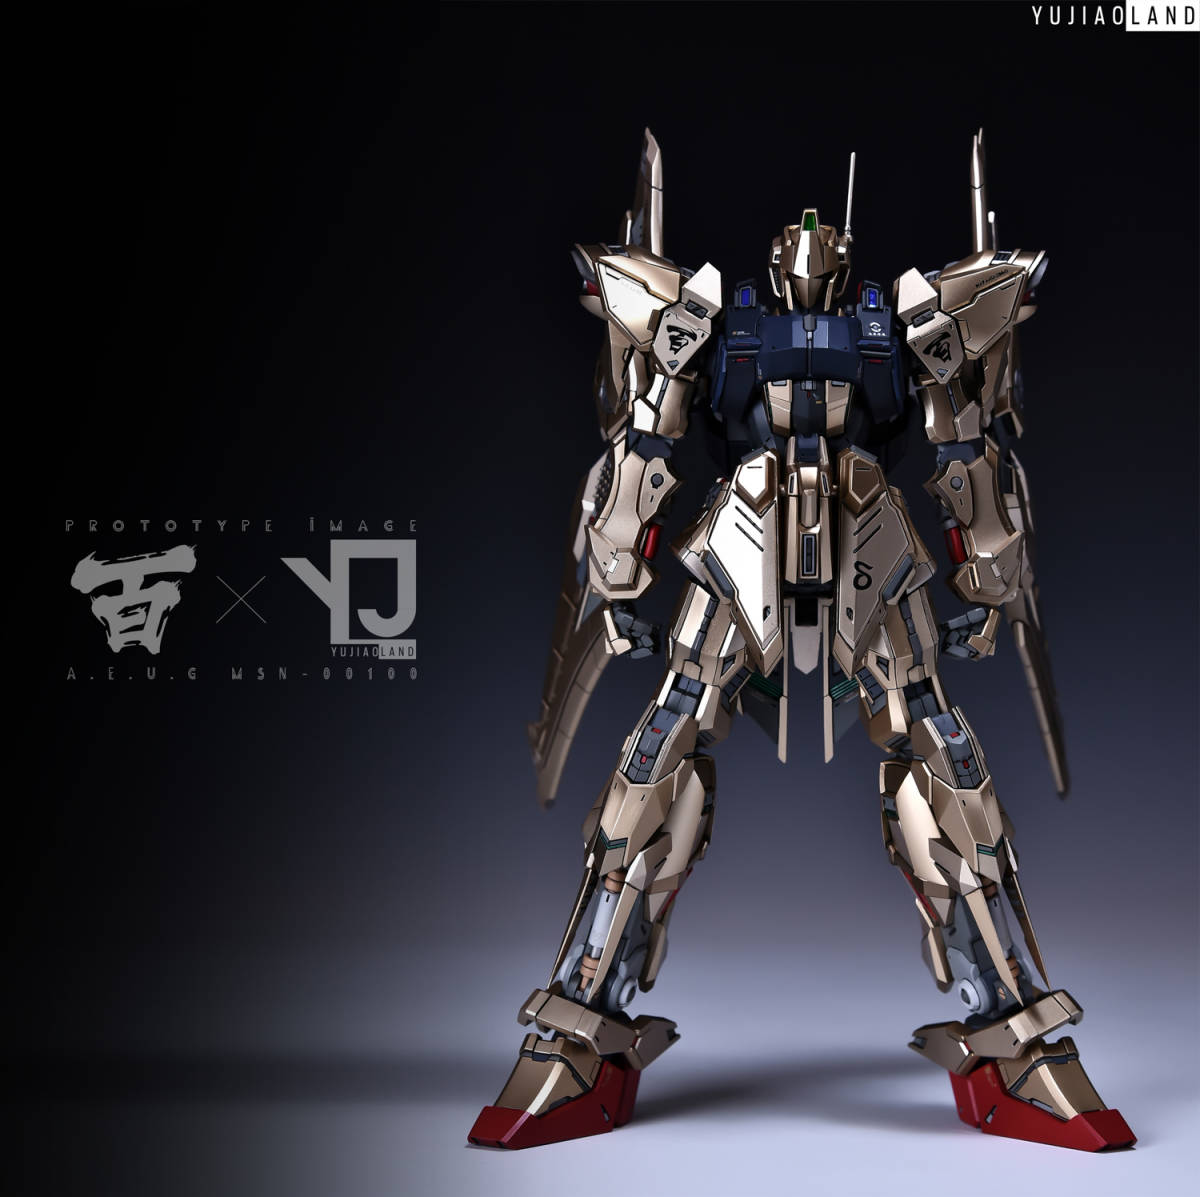 G157_yujiaoland_hyaku_shiki_003.jpg